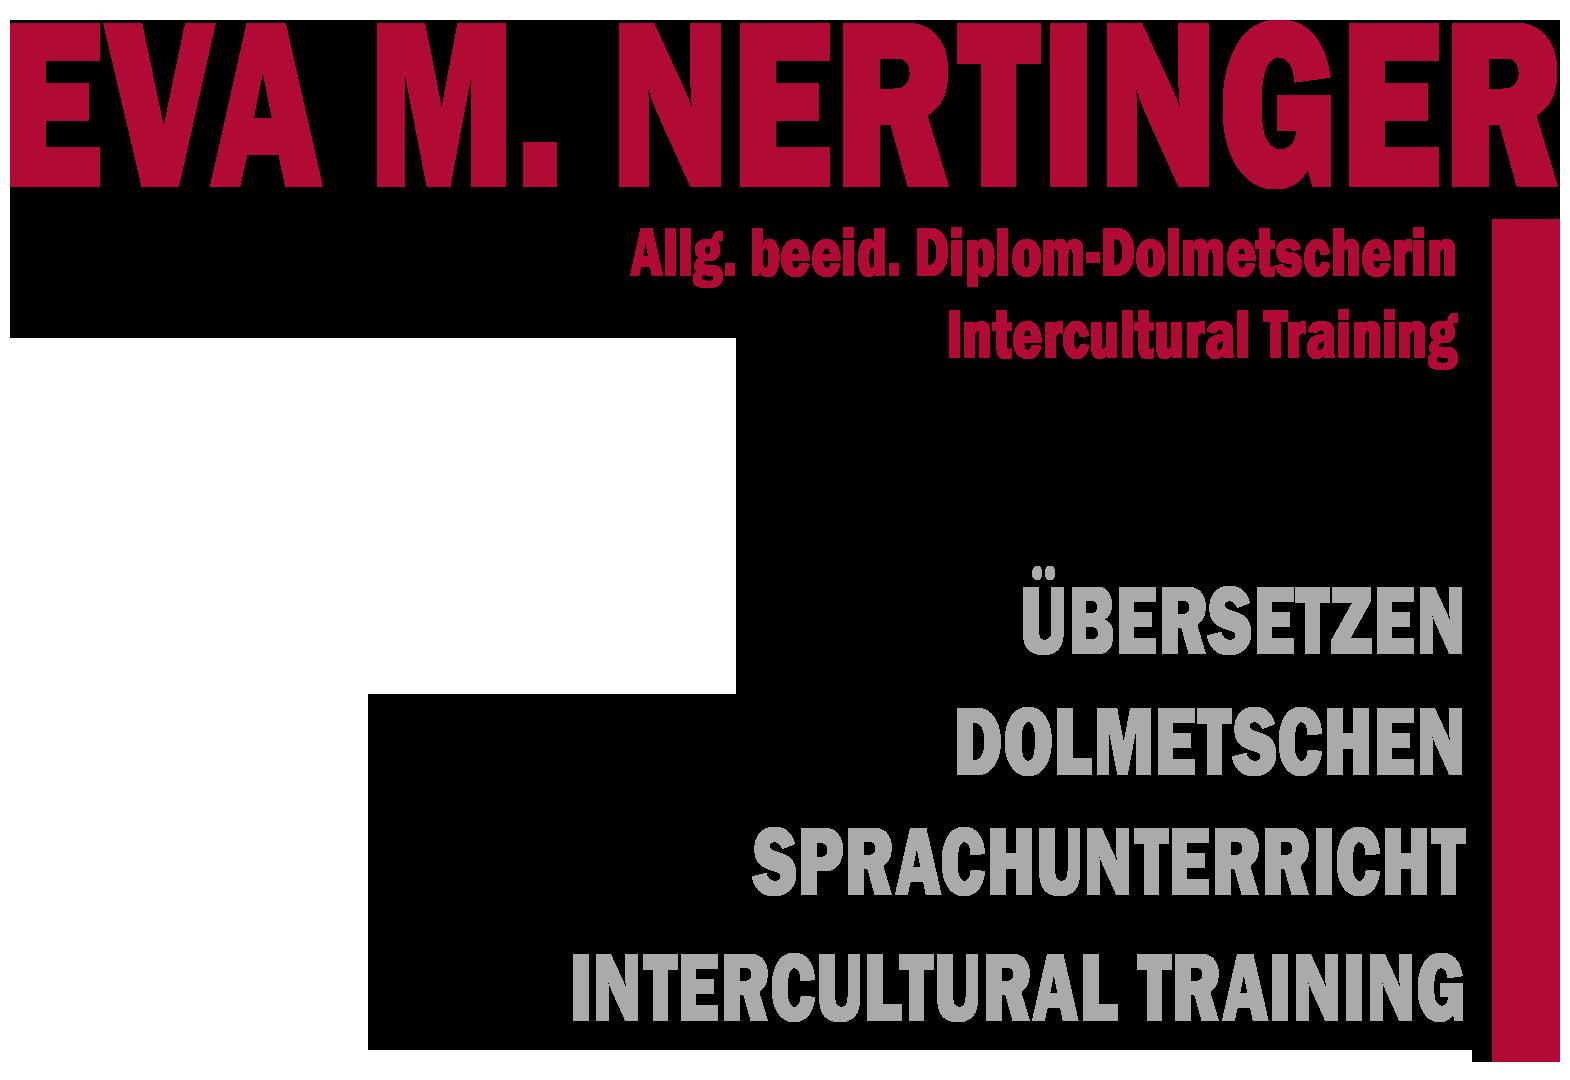 Eva M. Nertinger Allg. beeid. Diplom-Dolmetscherin